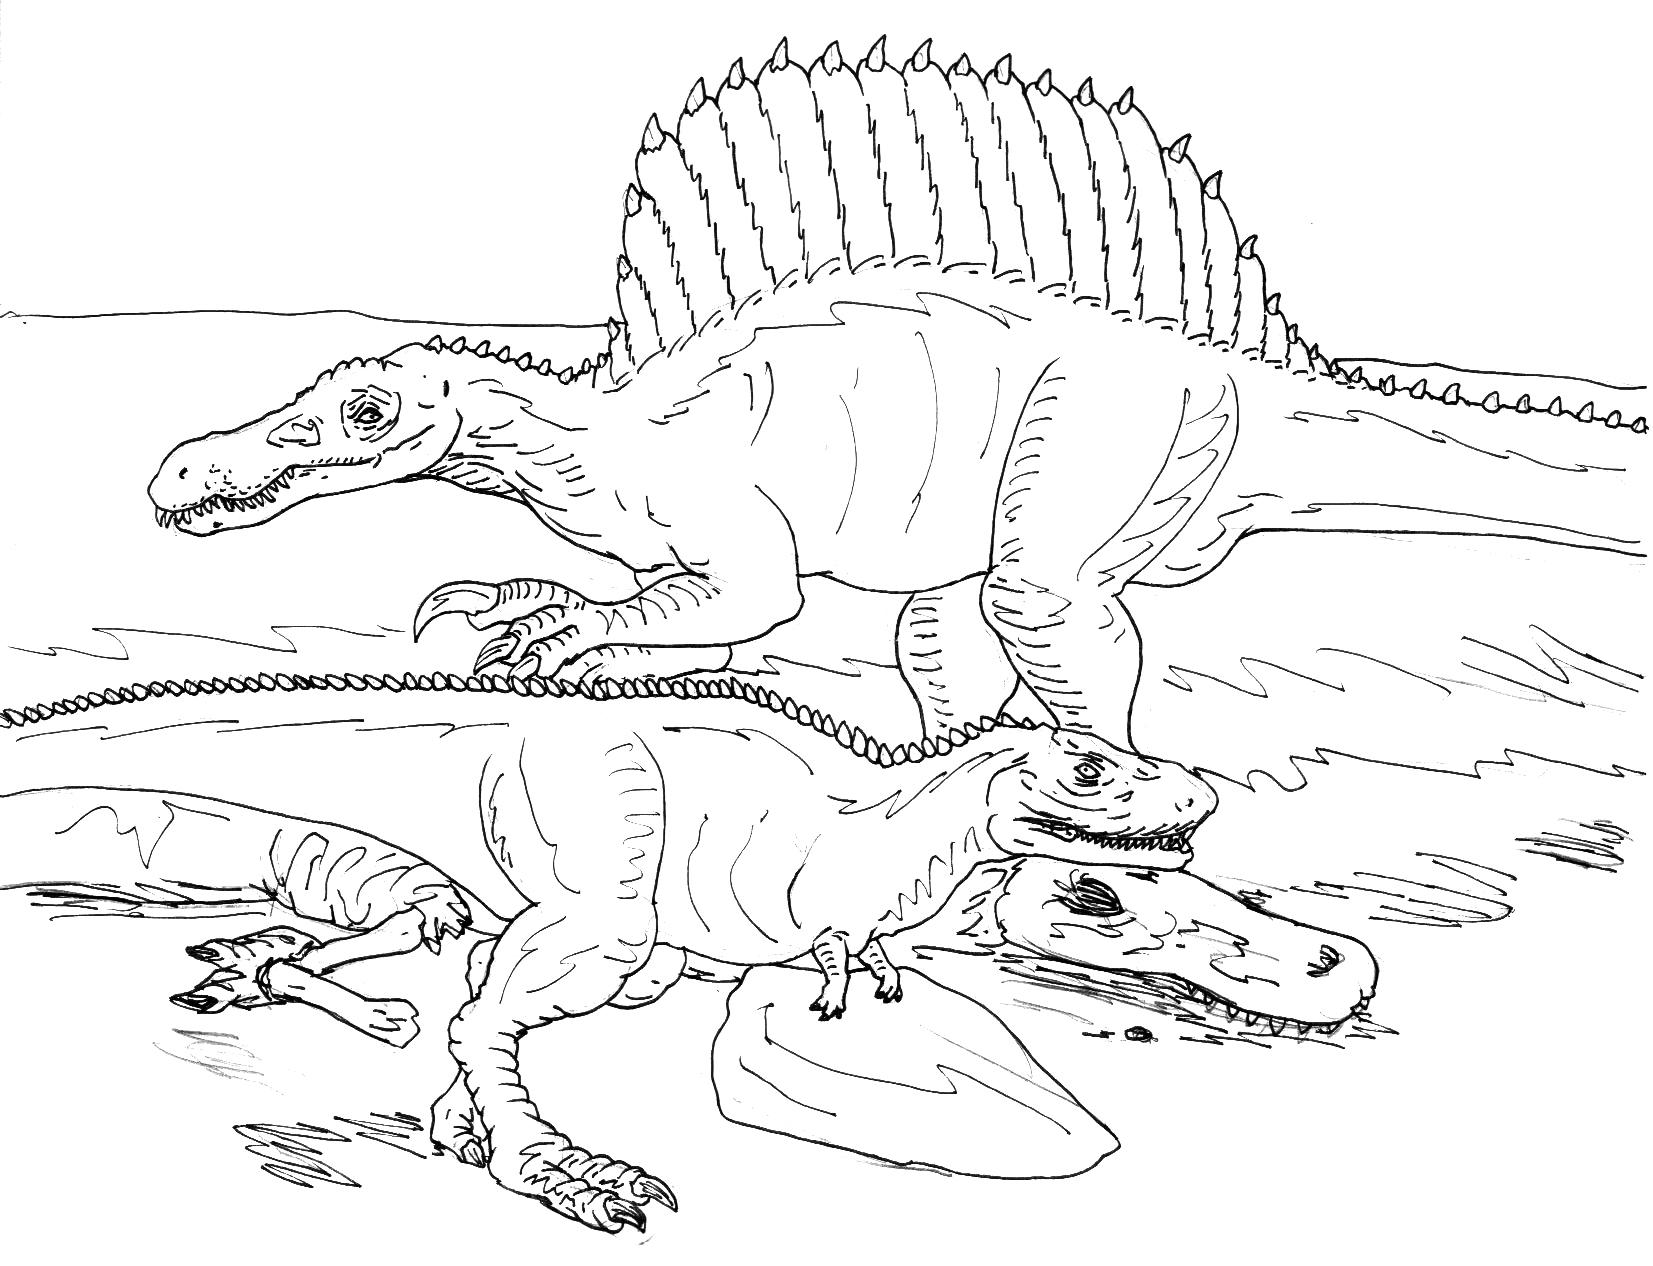 Spinosaurus Vs Rugops Bw By Avancna On Deviantart